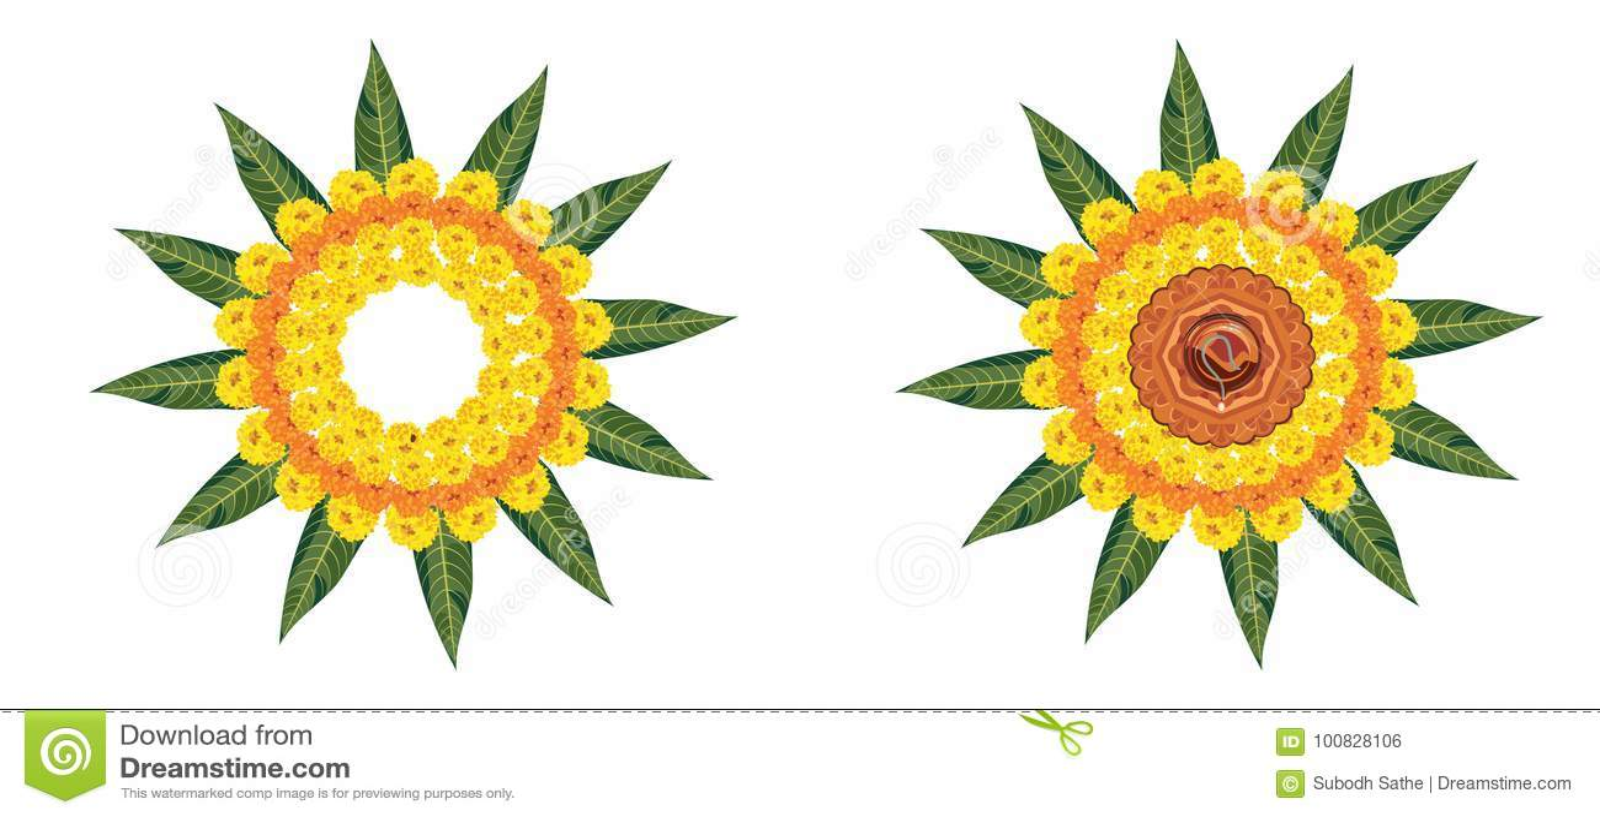 Illustrazione del rangoli del fiore per Diwali o pongal di riserva o del onam fatto facendo uso dei fiori di zendu o del tagete e